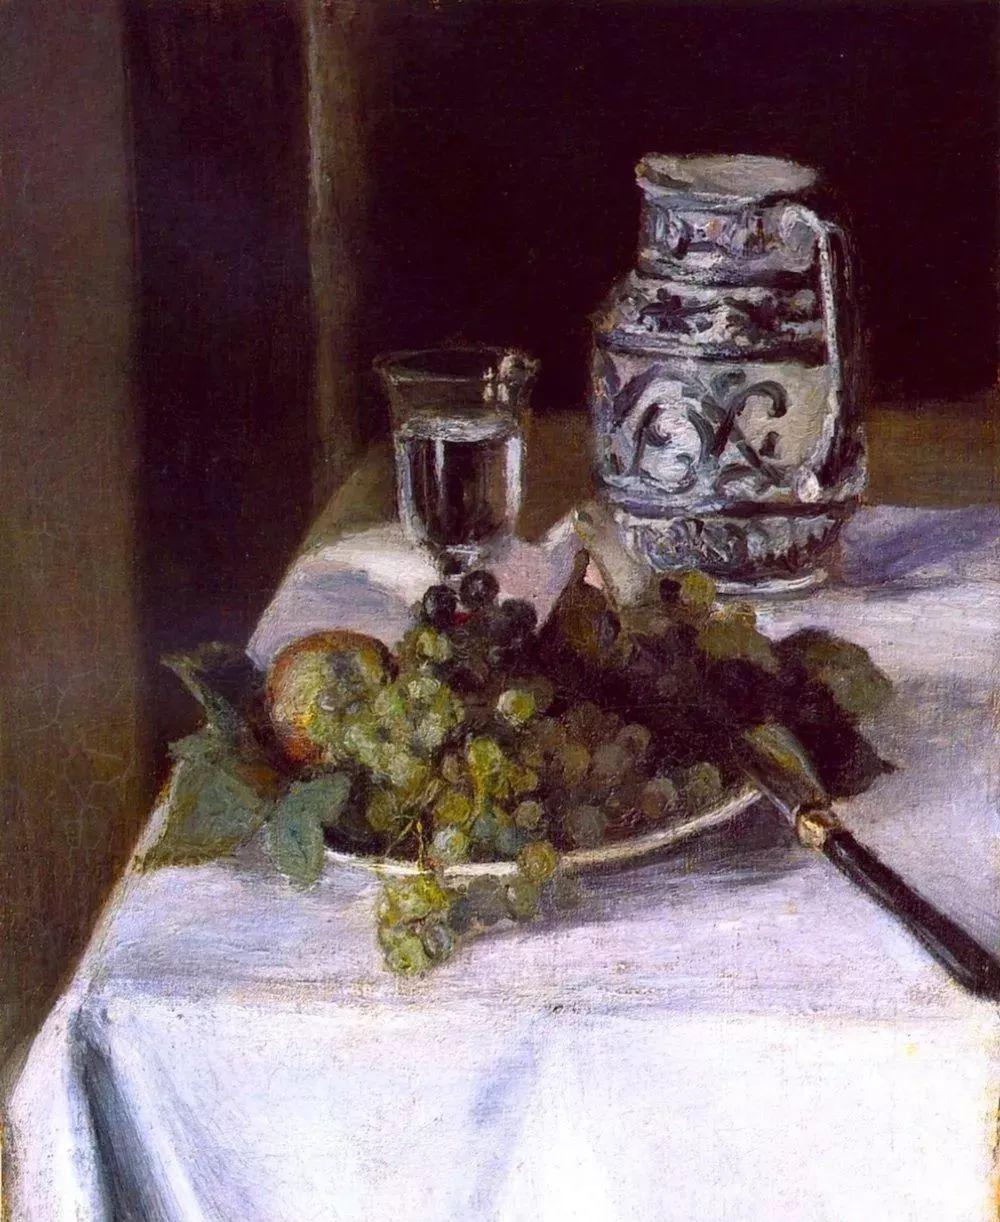 与毕加索并称为20世纪世界美术的两座高峰!马蒂斯静物作品集,震撼出炉!插图6